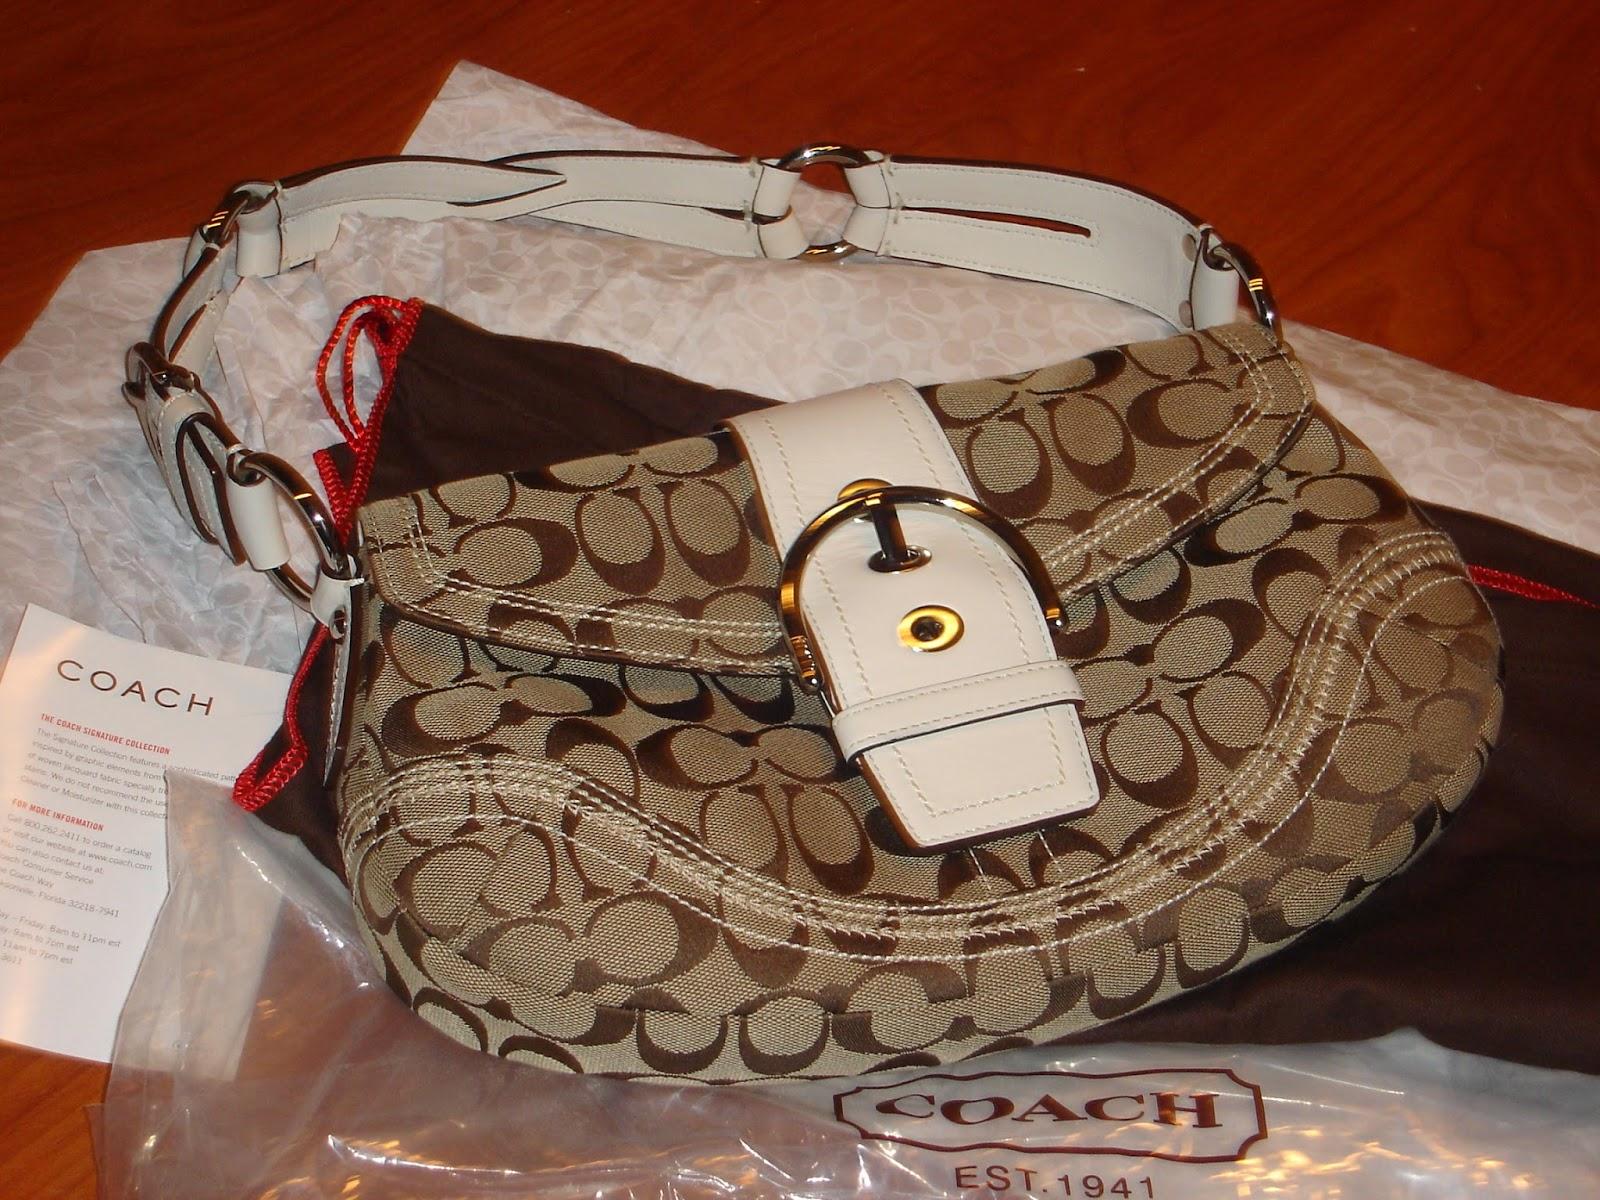 FASHION  Asesoría para vestir bien.  Como reconocer una bolsa COACH ... c6b04f45db5